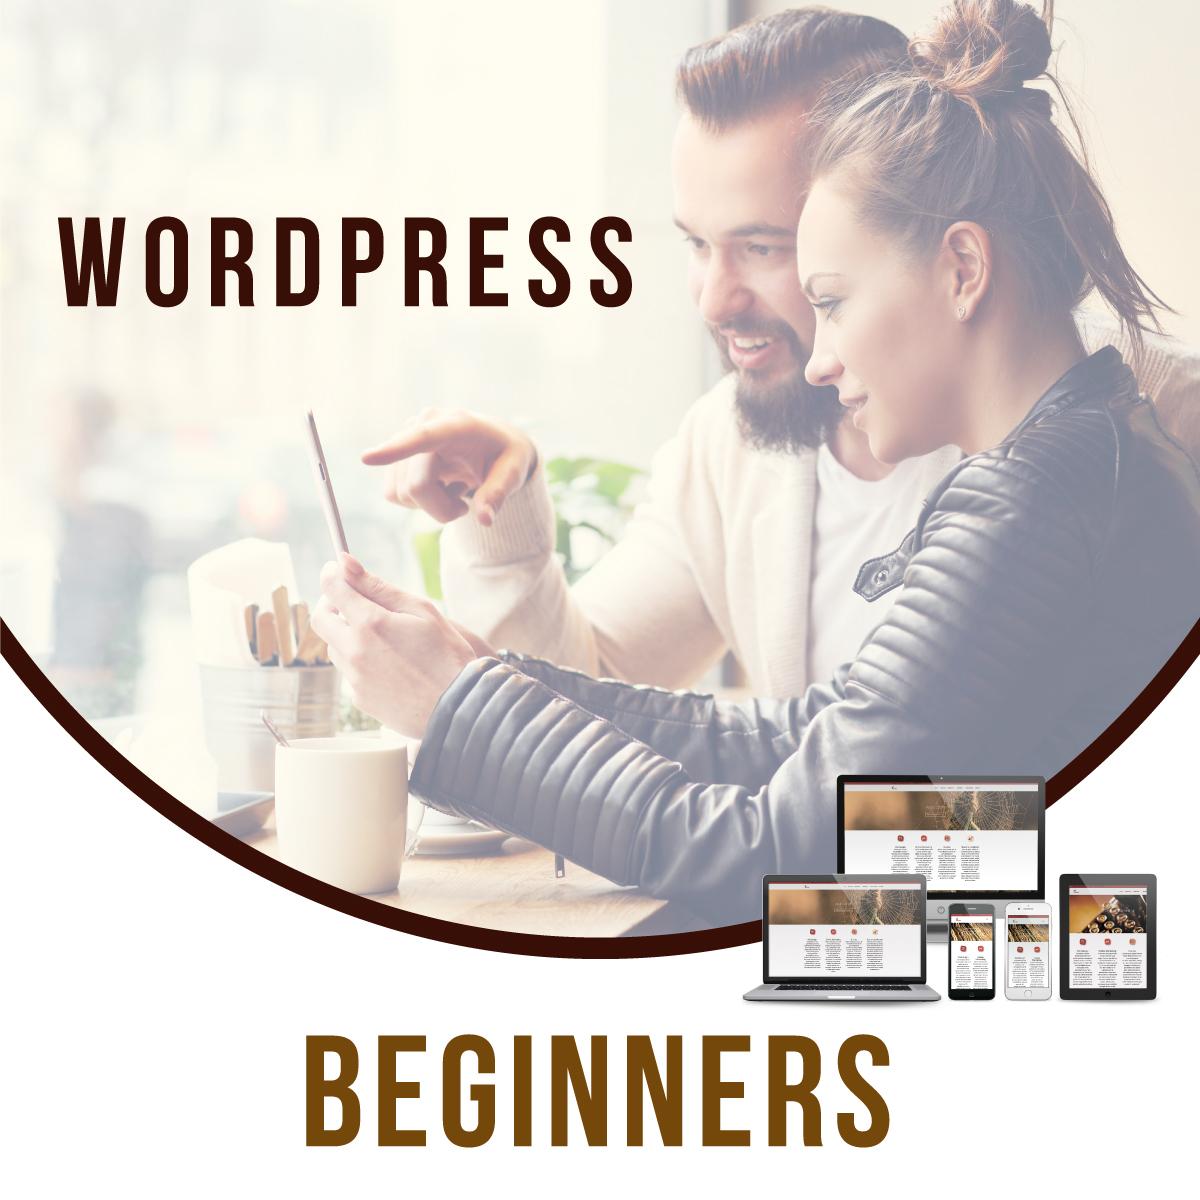 Cursus Wordpress voor beginners in Apeldoorn